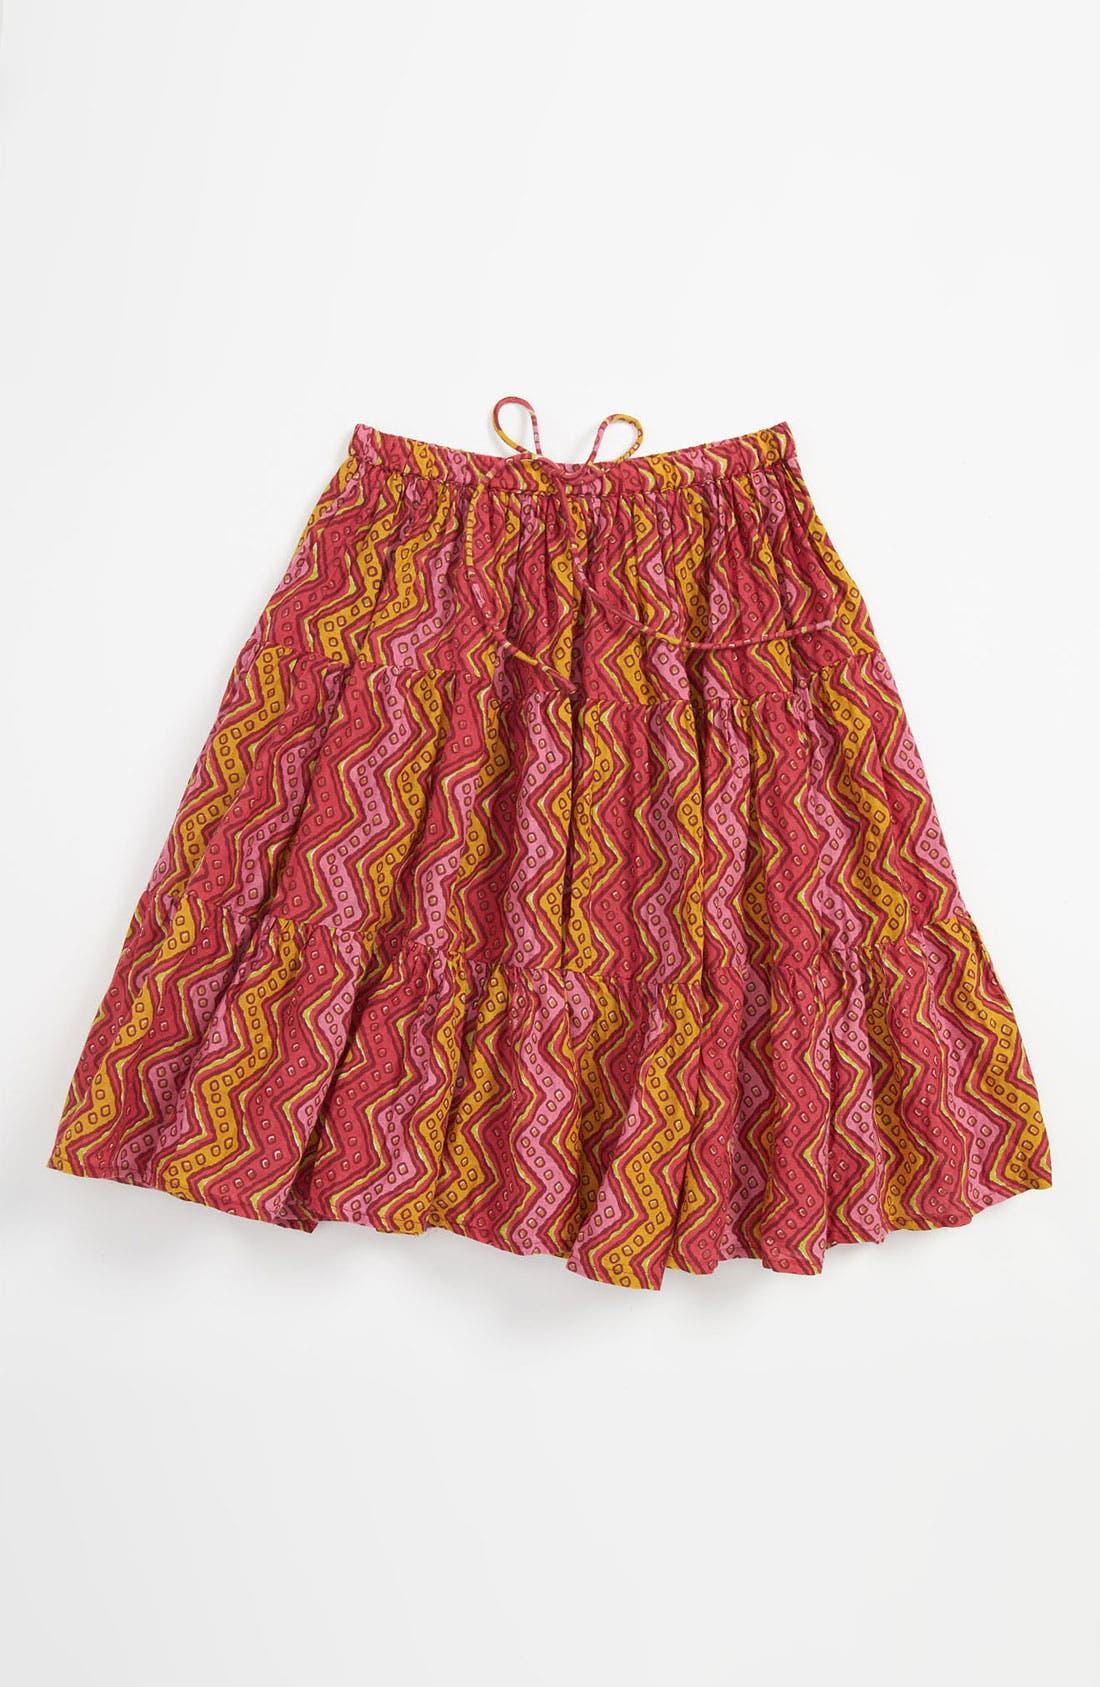 Alternate Image 1 Selected - Peek 'Milly' Skirt (Toddler, Little Girls & Big Girls)